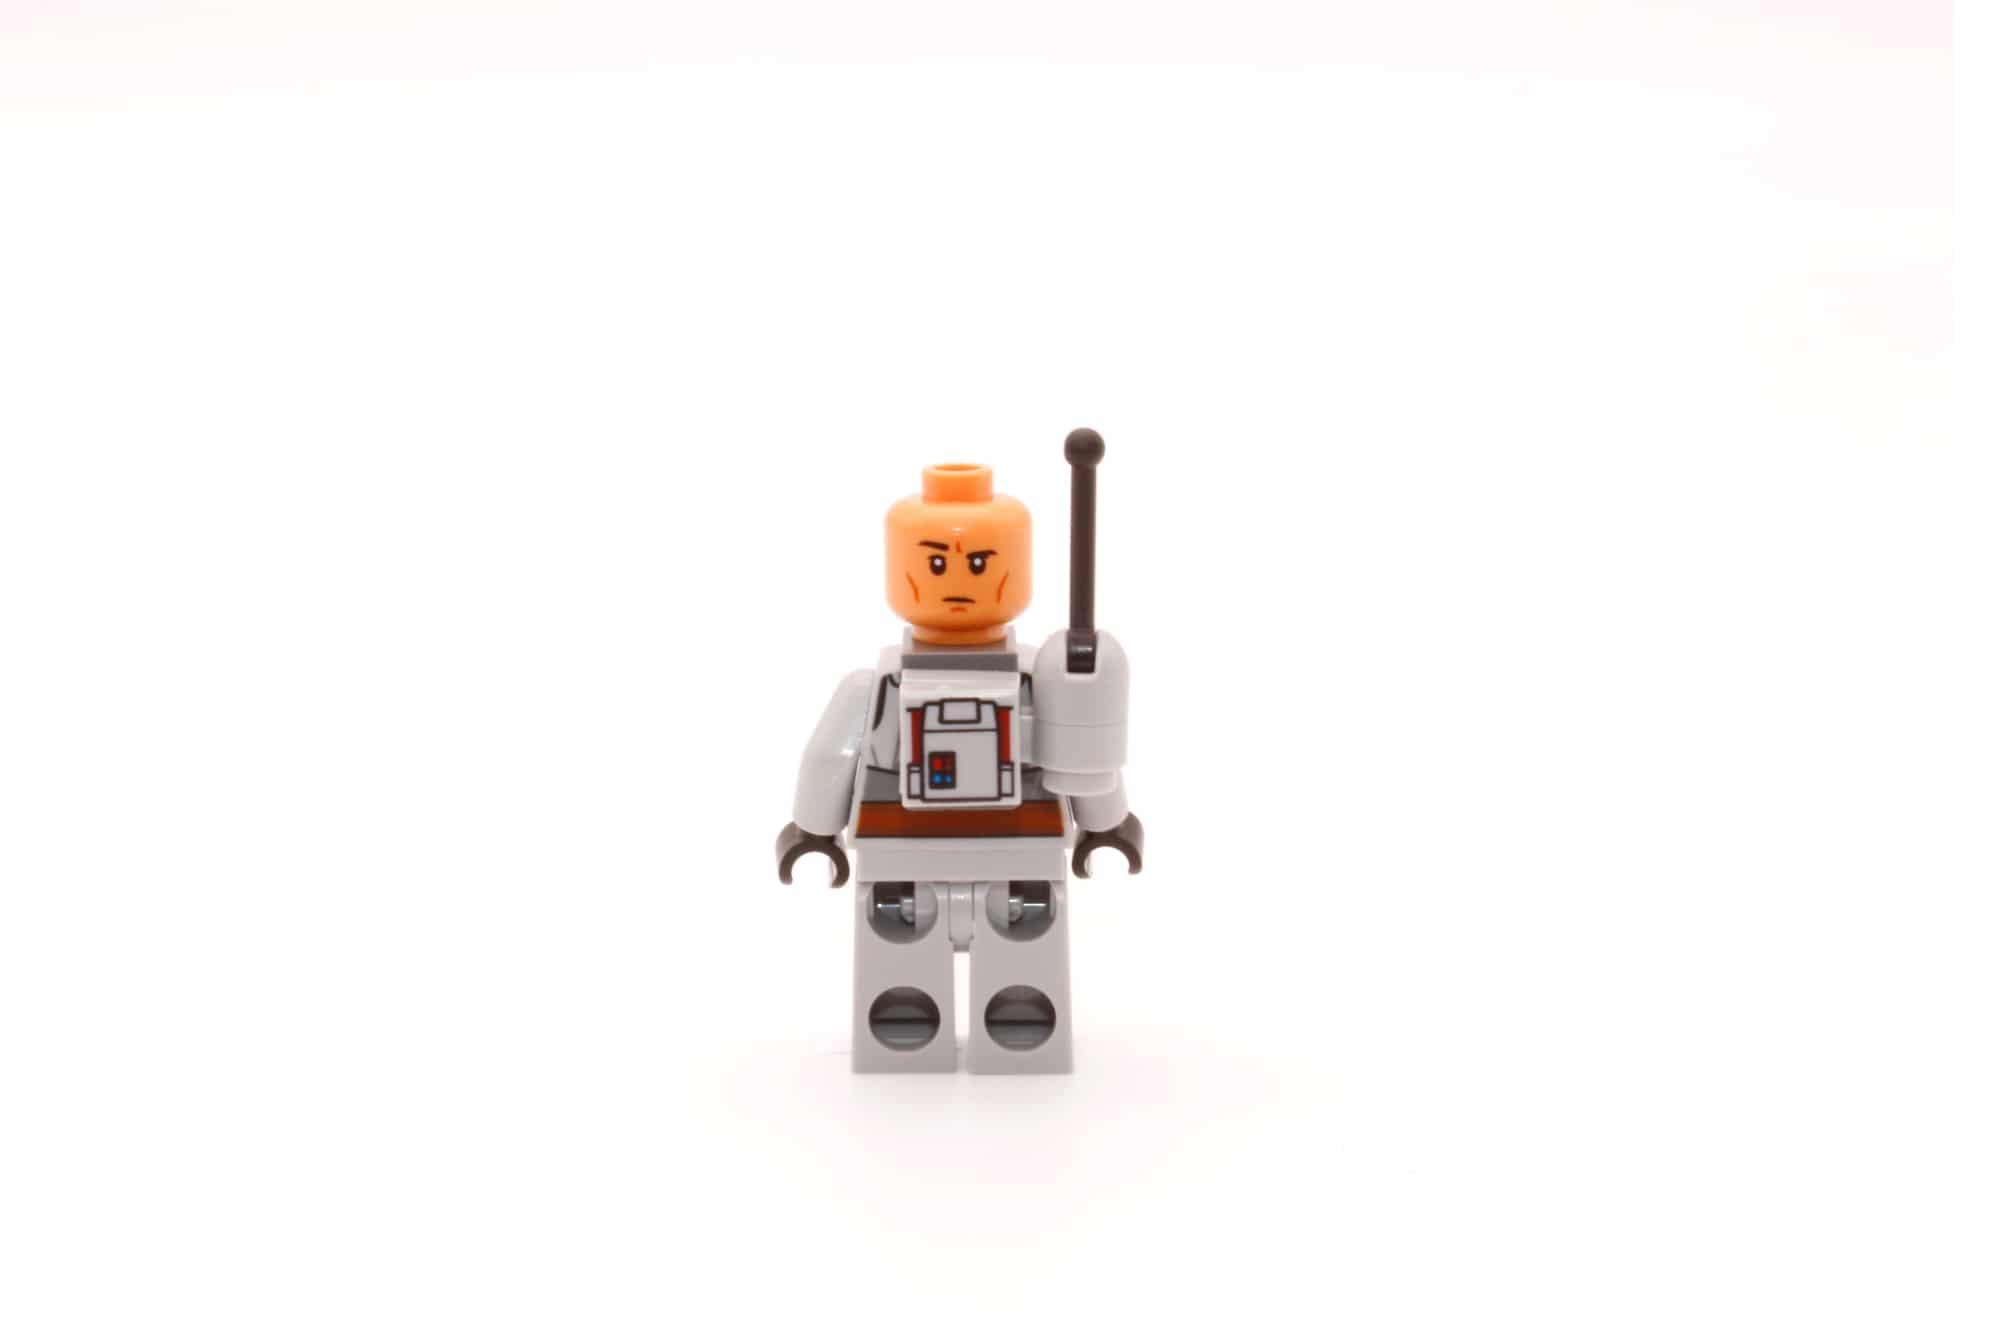 LEGO Star Wars 75314 The Bad Batch Attack Shuttle Tech Wendegesicht